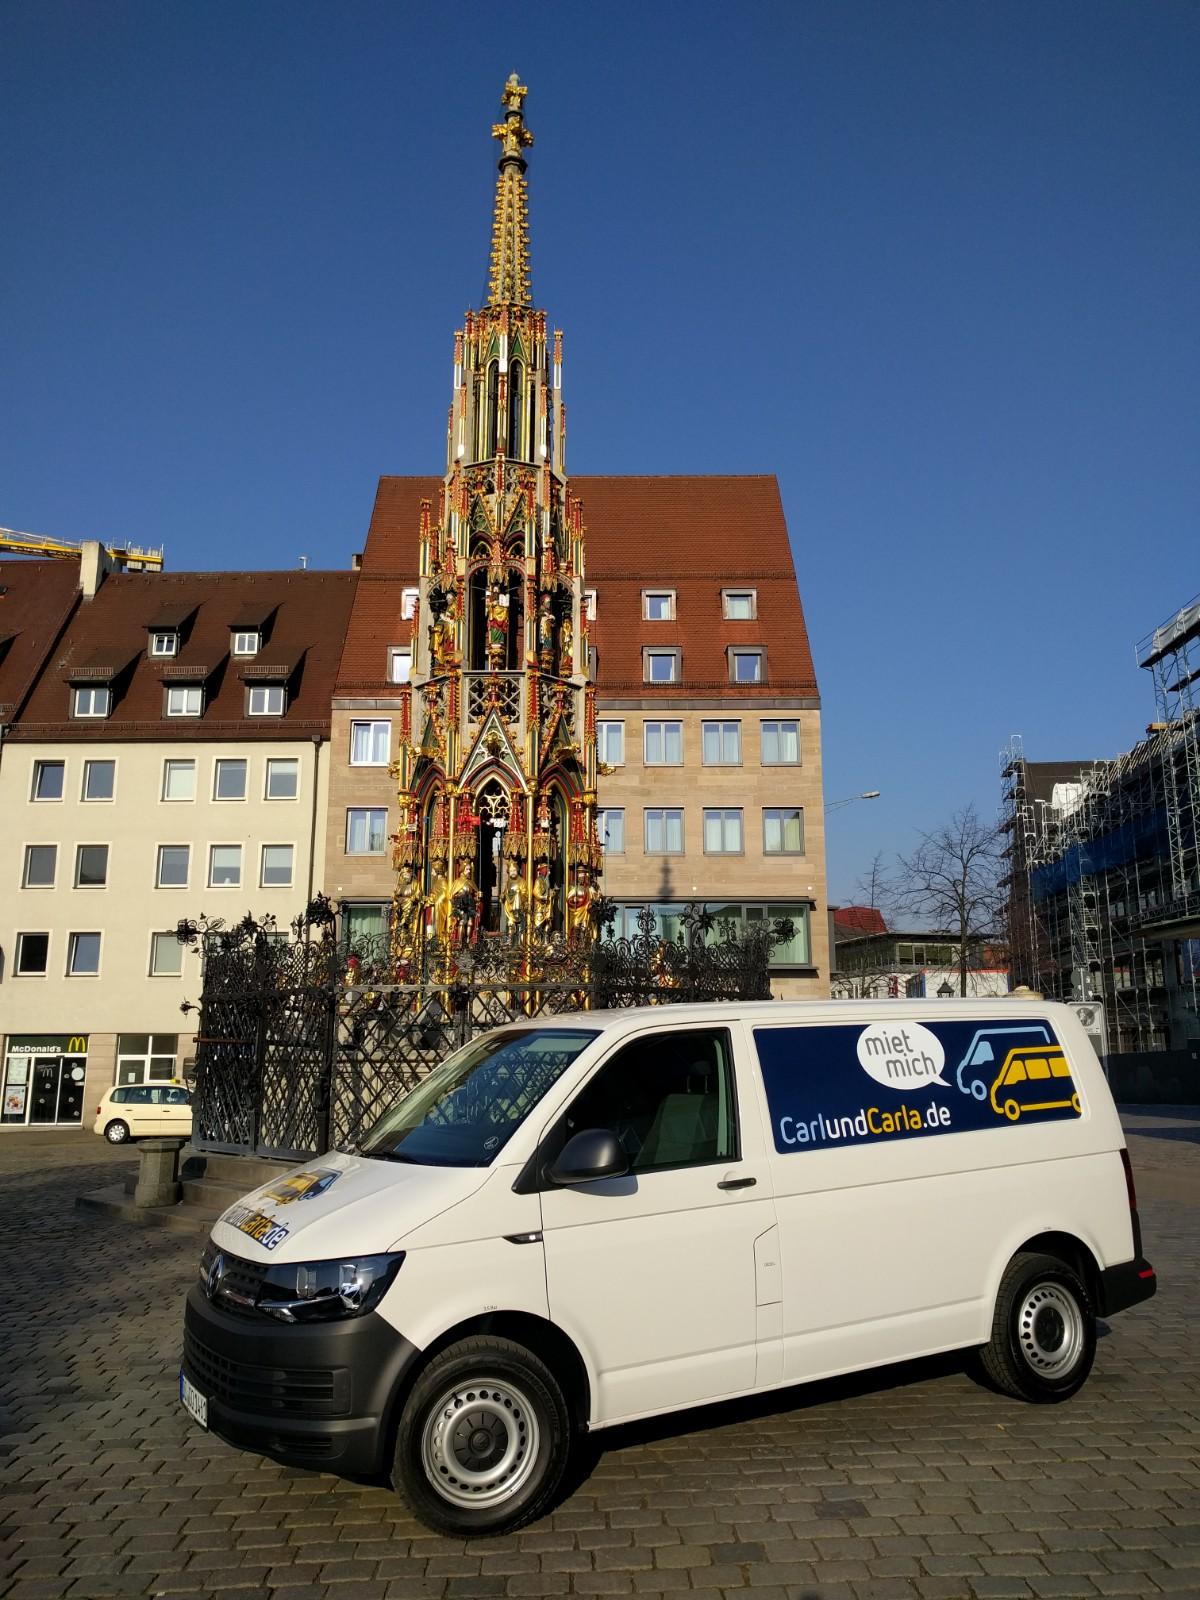 Transporter mieten in Nürnberg - CarlundCarla Blog